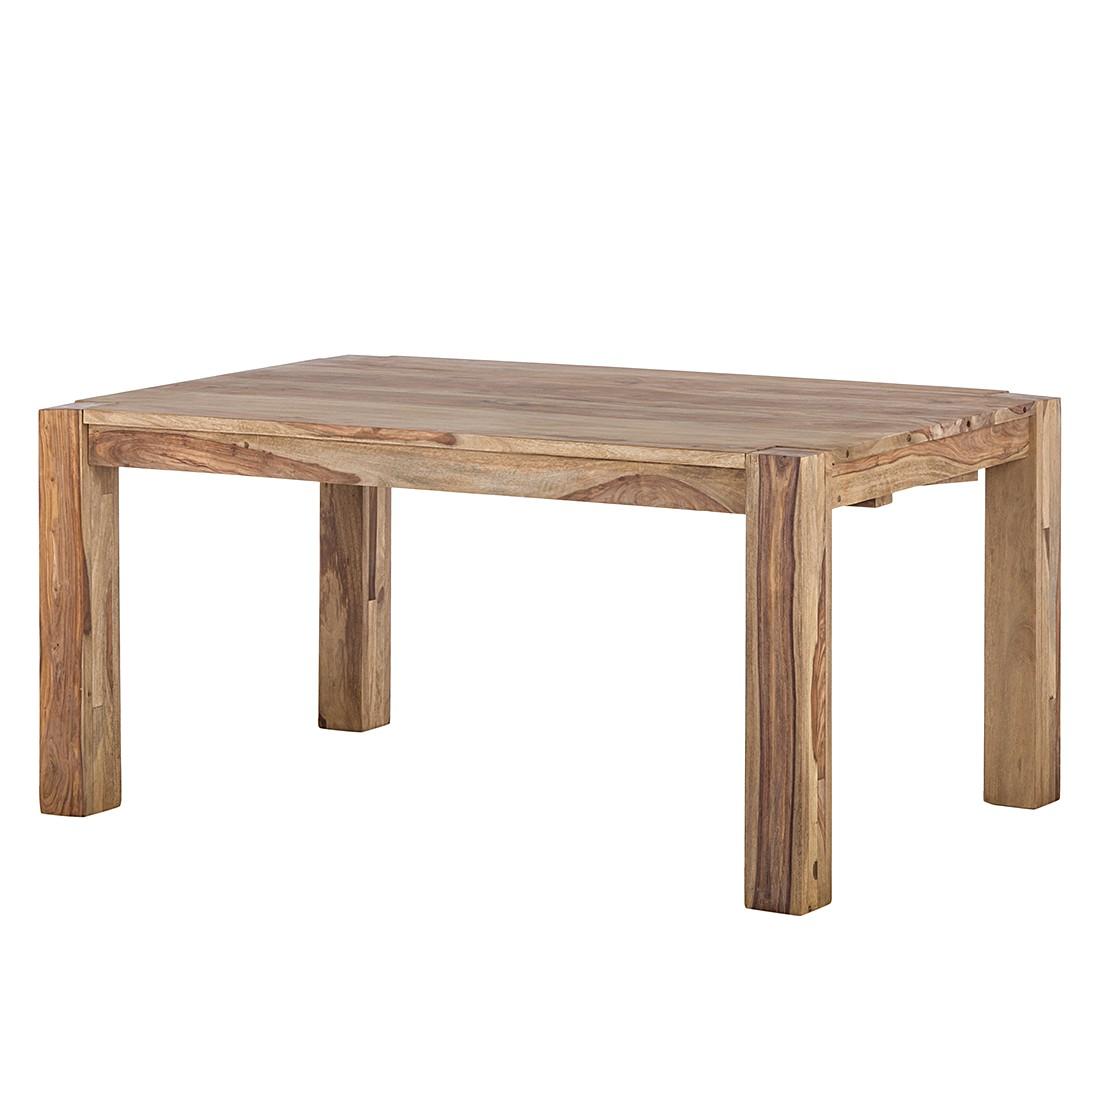 esstisch yoga iv mit ausziehfunktion 180 230 280 x 100 cm k chentisch ebay. Black Bedroom Furniture Sets. Home Design Ideas